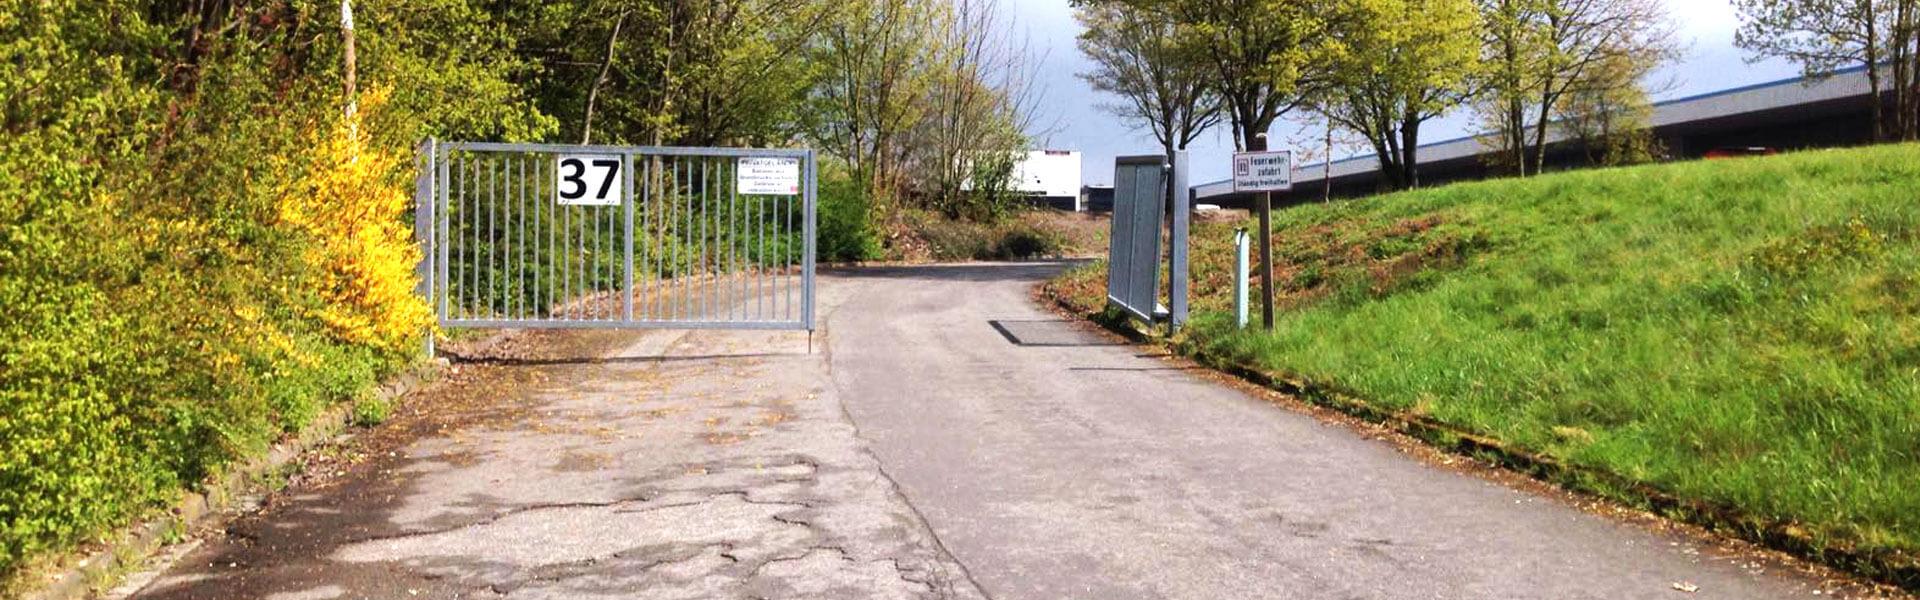 Paderlager in Paderborn